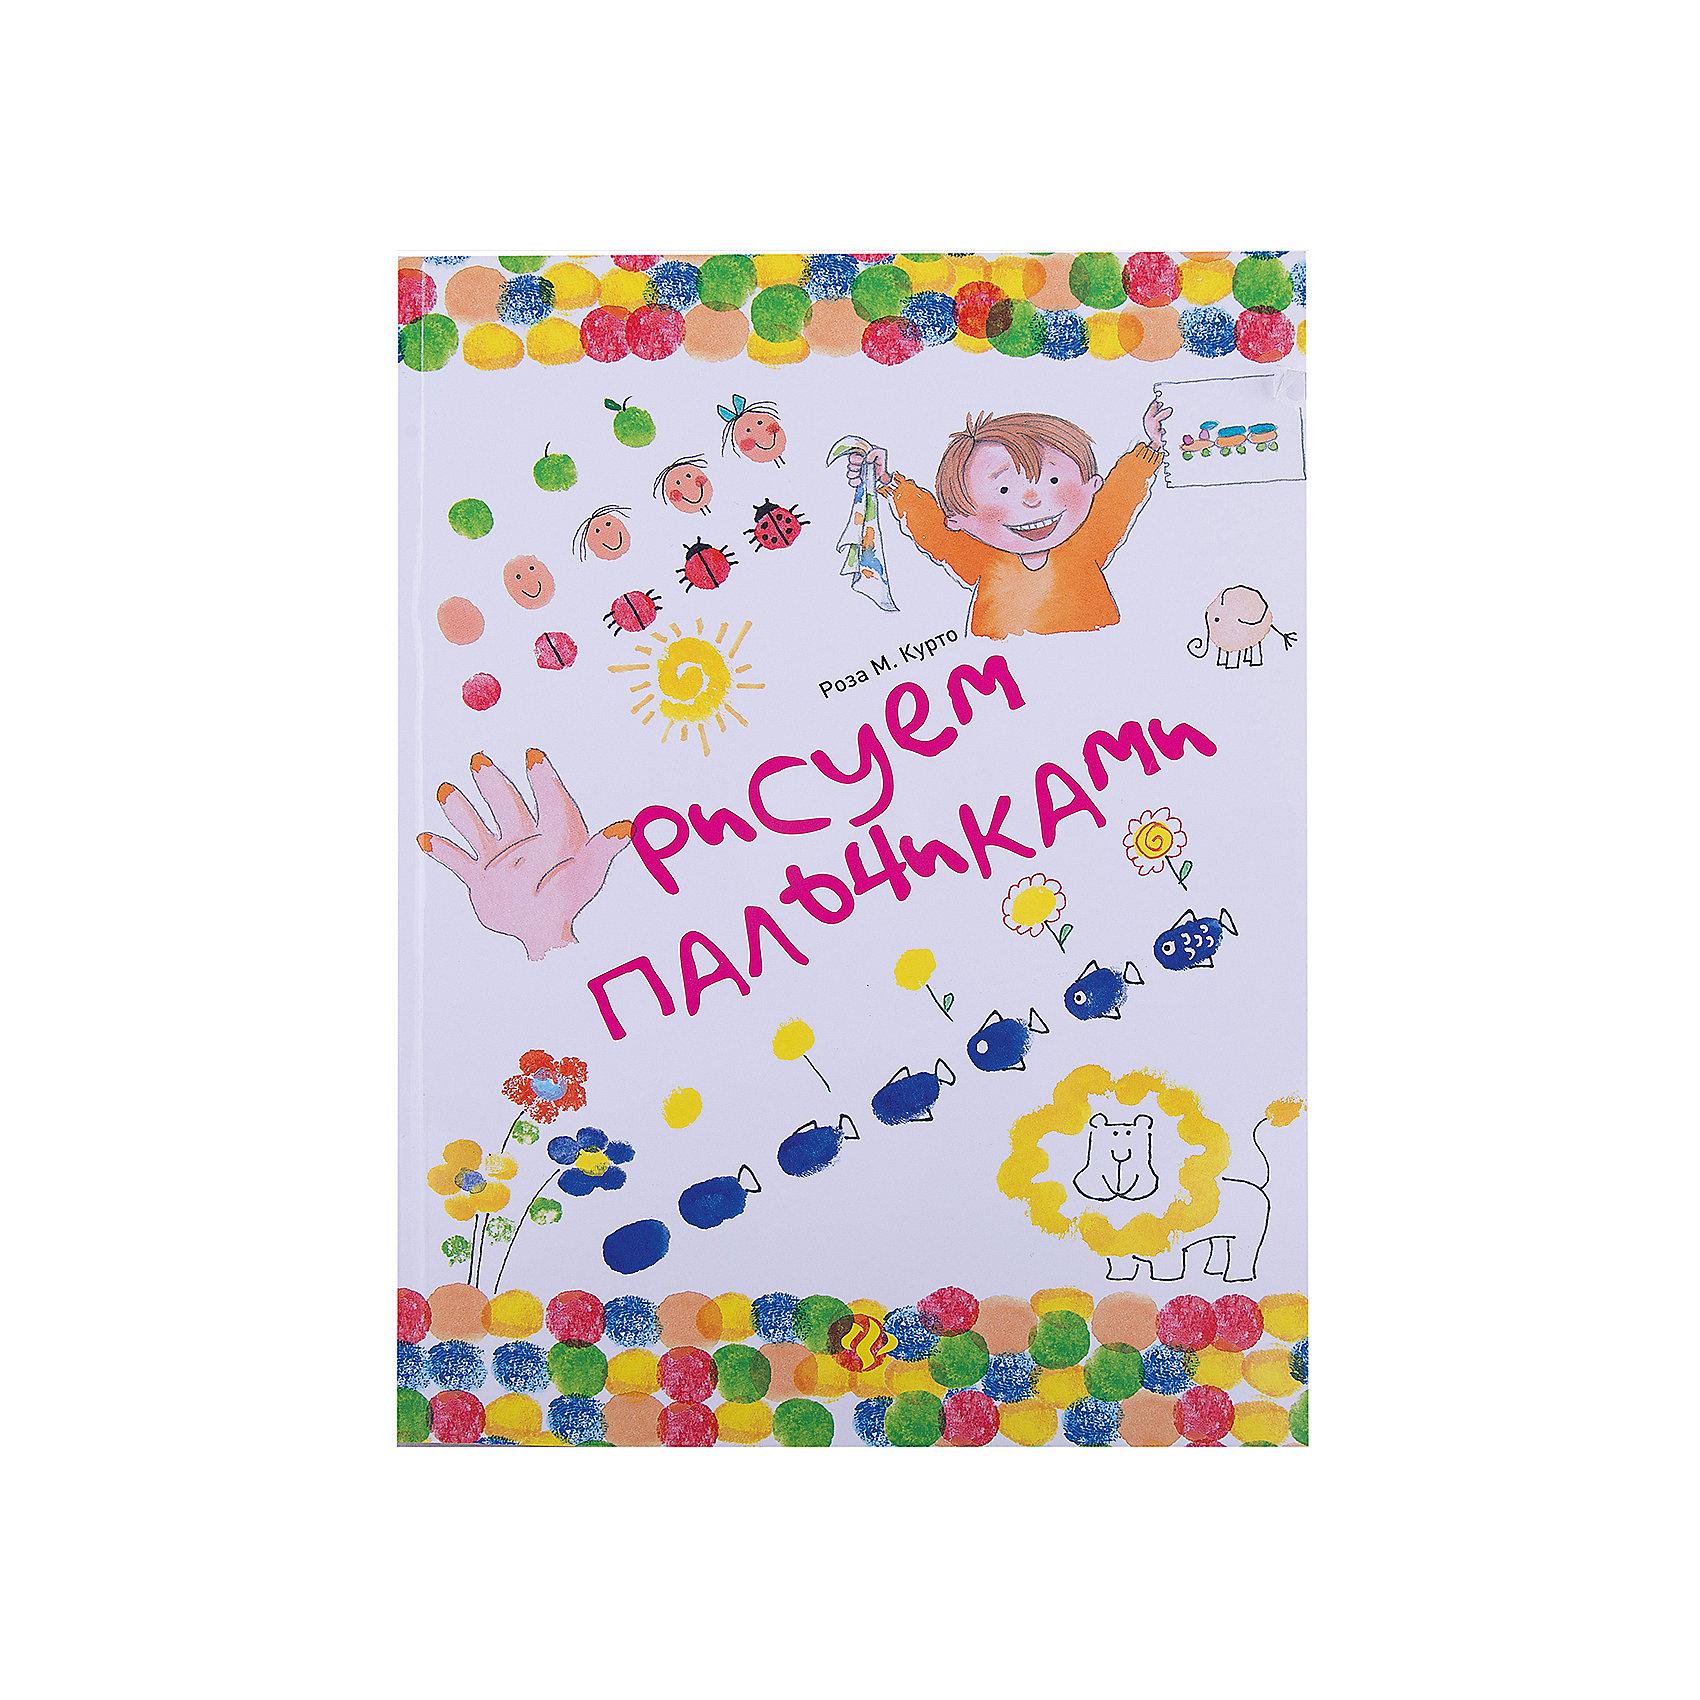 Рисуем пальчикамиКниги для развития творческих навыков<br>На страница книги Рисуем пальчиками Вашего малыша ждут тысячи простых и невероятно ярких идей рисования пальчиками. Животные и птицы, человечки и цветочки - Ваш ребёнок может почувствовать себя настоящим художником, даже если он никогда еще не держал кисточки<br>в руках.<br><br>Дополнительная информация:<br><br>- Автор: Роза Мария Курто.<br>- Художник: Роза Мария Курто.<br>- Обложка: мягкая.<br>- Иллюстрации: цветные.<br>- Объем: 95 стр.<br>- Размер: 26 x 0,7 x 20 см.<br>- Вес: 0,254 кг.<br><br>Книгу Рисуем пальчиками, Феникс-Премьер, можно купить в нашем интернет-магазине.<br><br>Ширина мм: 260<br>Глубина мм: 200<br>Высота мм: 8<br>Вес г: 1052<br>Возраст от месяцев: 24<br>Возраст до месяцев: 48<br>Пол: Унисекс<br>Возраст: Детский<br>SKU: 4771407